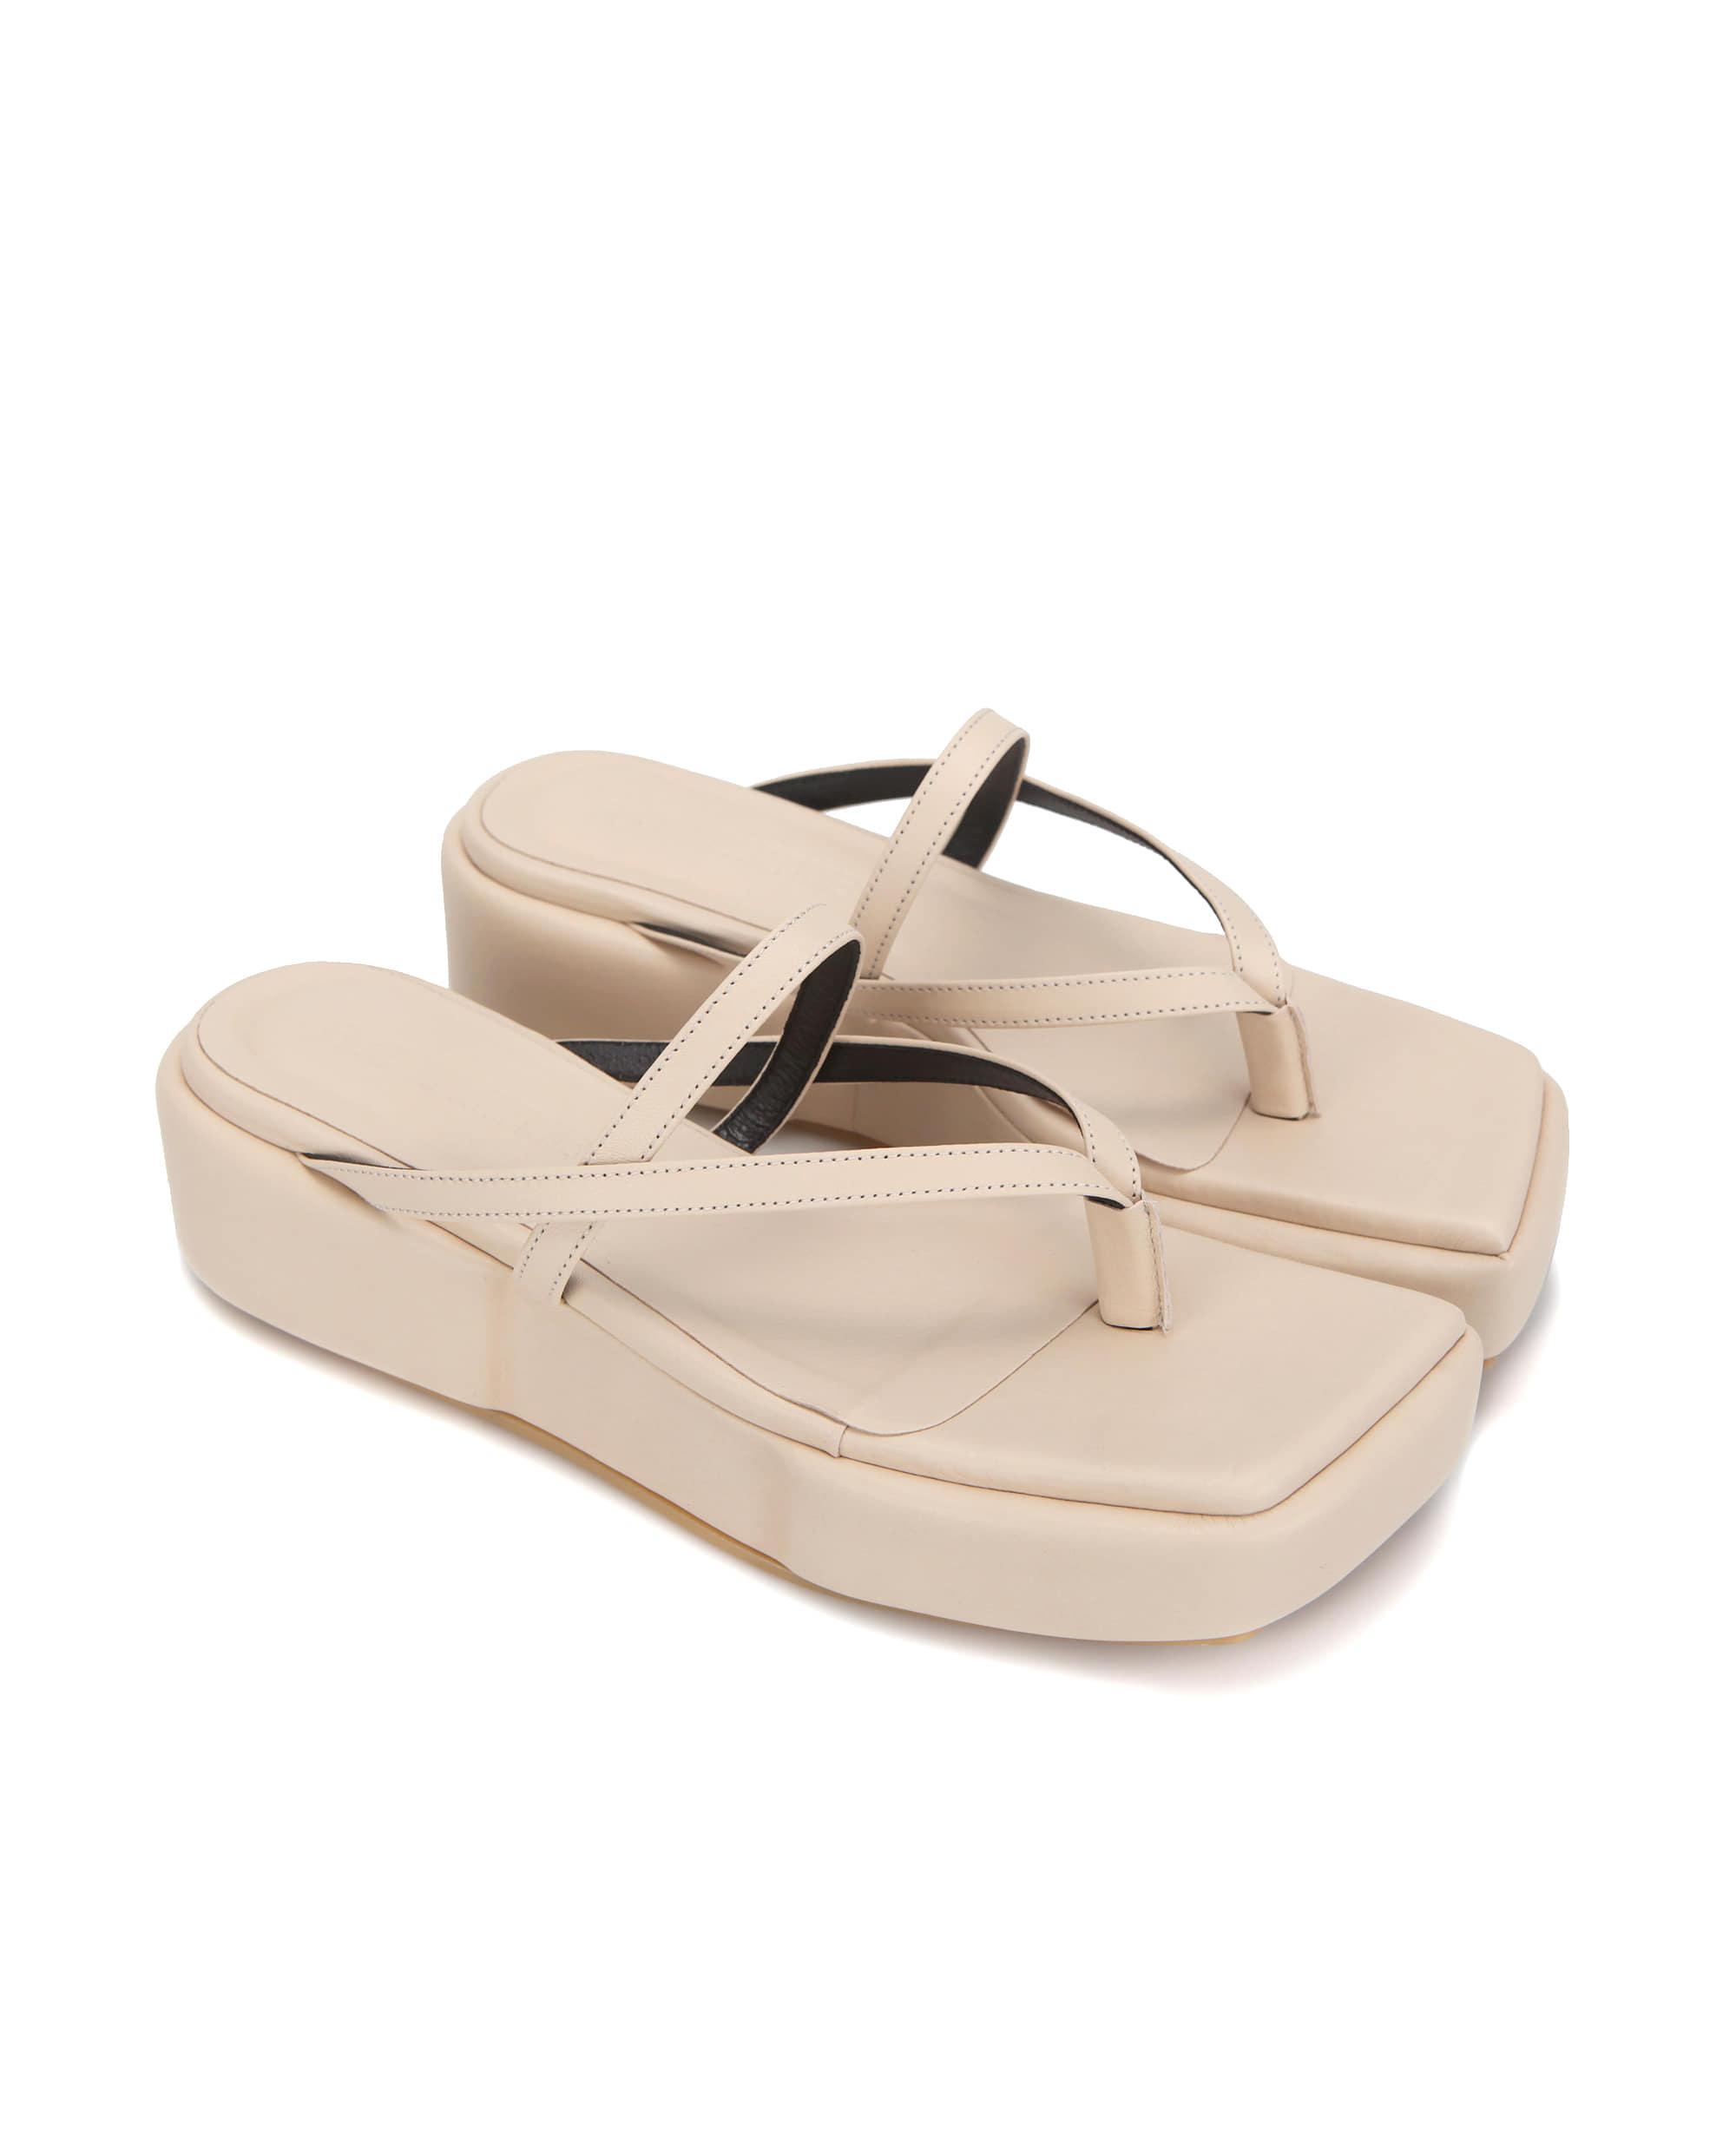 플랫아파트먼트, 플랫아파트먼트 신발, 플랫아파트먼트 슈즈, 스퀘어토, 사각코, 스퀘어 토 샌들, 볼륨샌들, 쿠션 샌들, 스트랩 샌들, 스퀘어토 샌들, 플랫폼샌들, 굽있는 플리플랍, 샌들, 여름 샌들, puffed heel sandals, puffed platform sandals, square toe sandal, square toe shoes, summer shoes, summer sandals, puffed platform shoes, flatapartment, flat apartment, flat apartment shoes, flatapartment shoes, strappy platforms, square toe platforms, square toe shoes, criss cross strappy shoes, strappy platforms, square toe platforms, shoes, Seoul fashion, K fashion, platform shoes, platforms